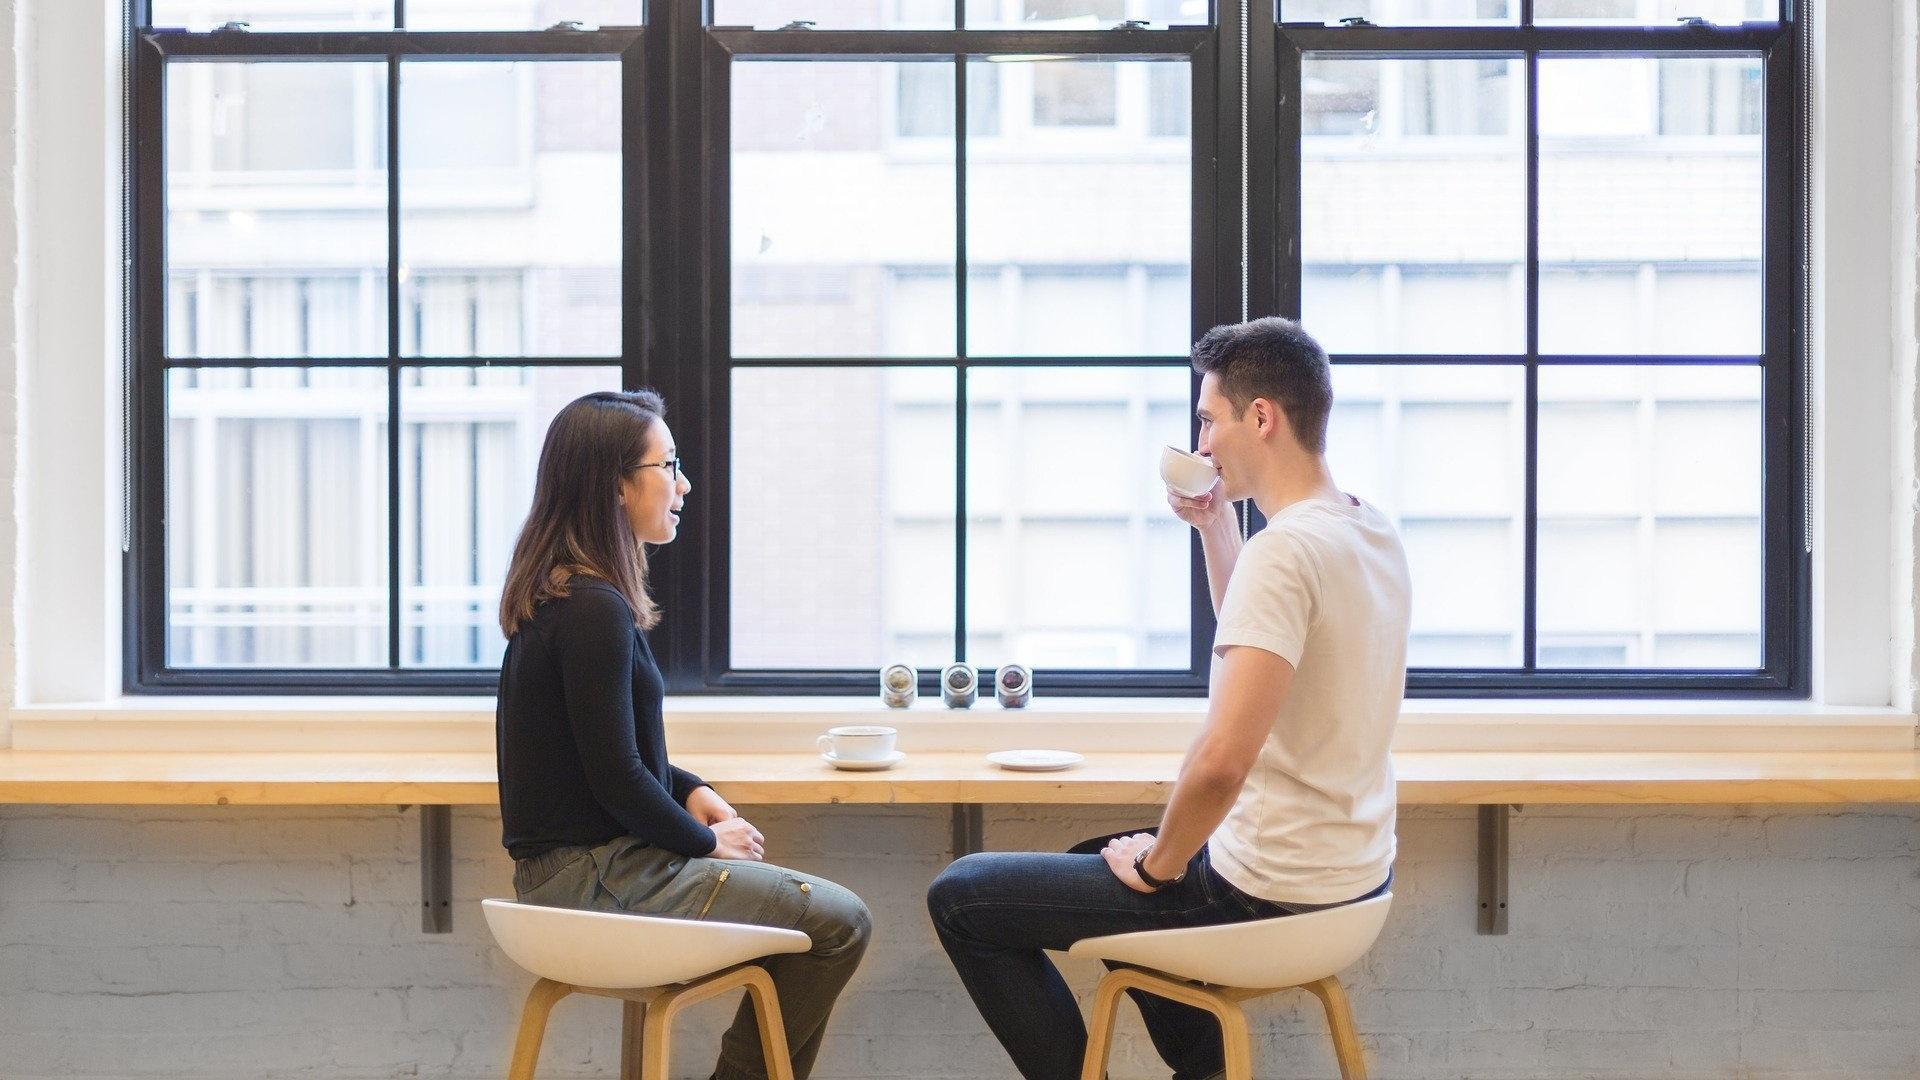 Anziehung zwischen zwei Menschen erkennen: So geht's